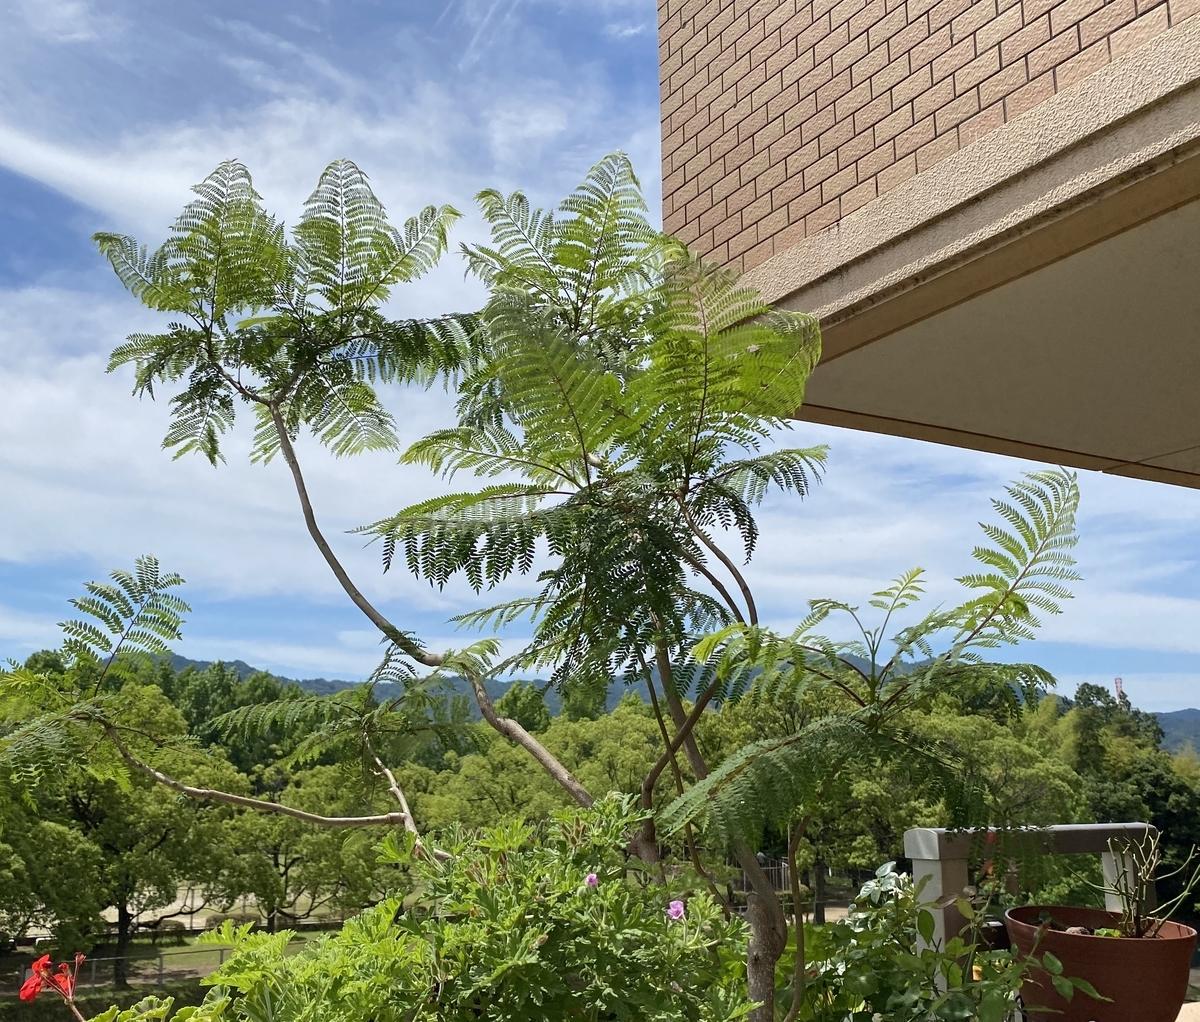 f:id:mimozaai:20200618191233j:plain